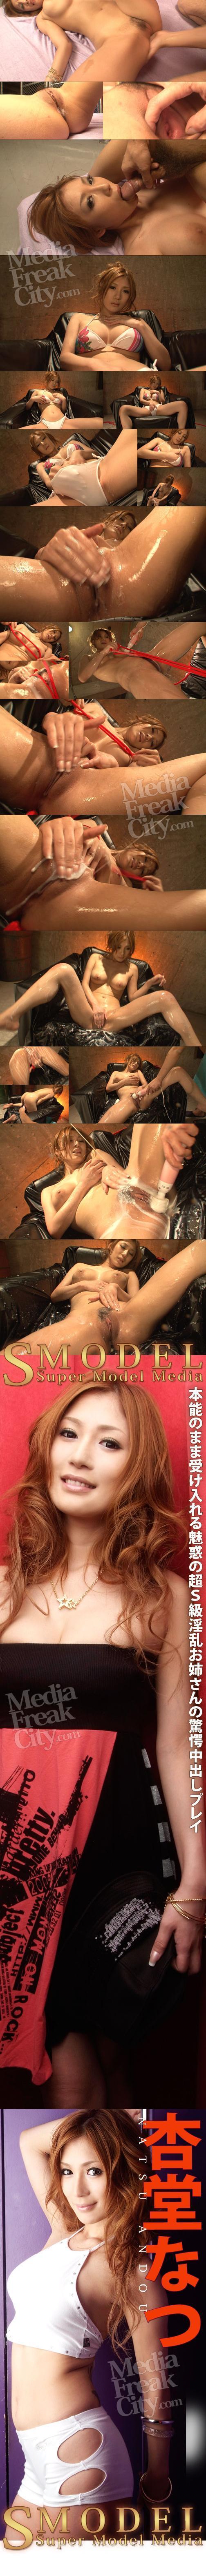 [SMD 01] S Model 01 : 杏堂なつ 杏堂なつ SMD Natsu Ando